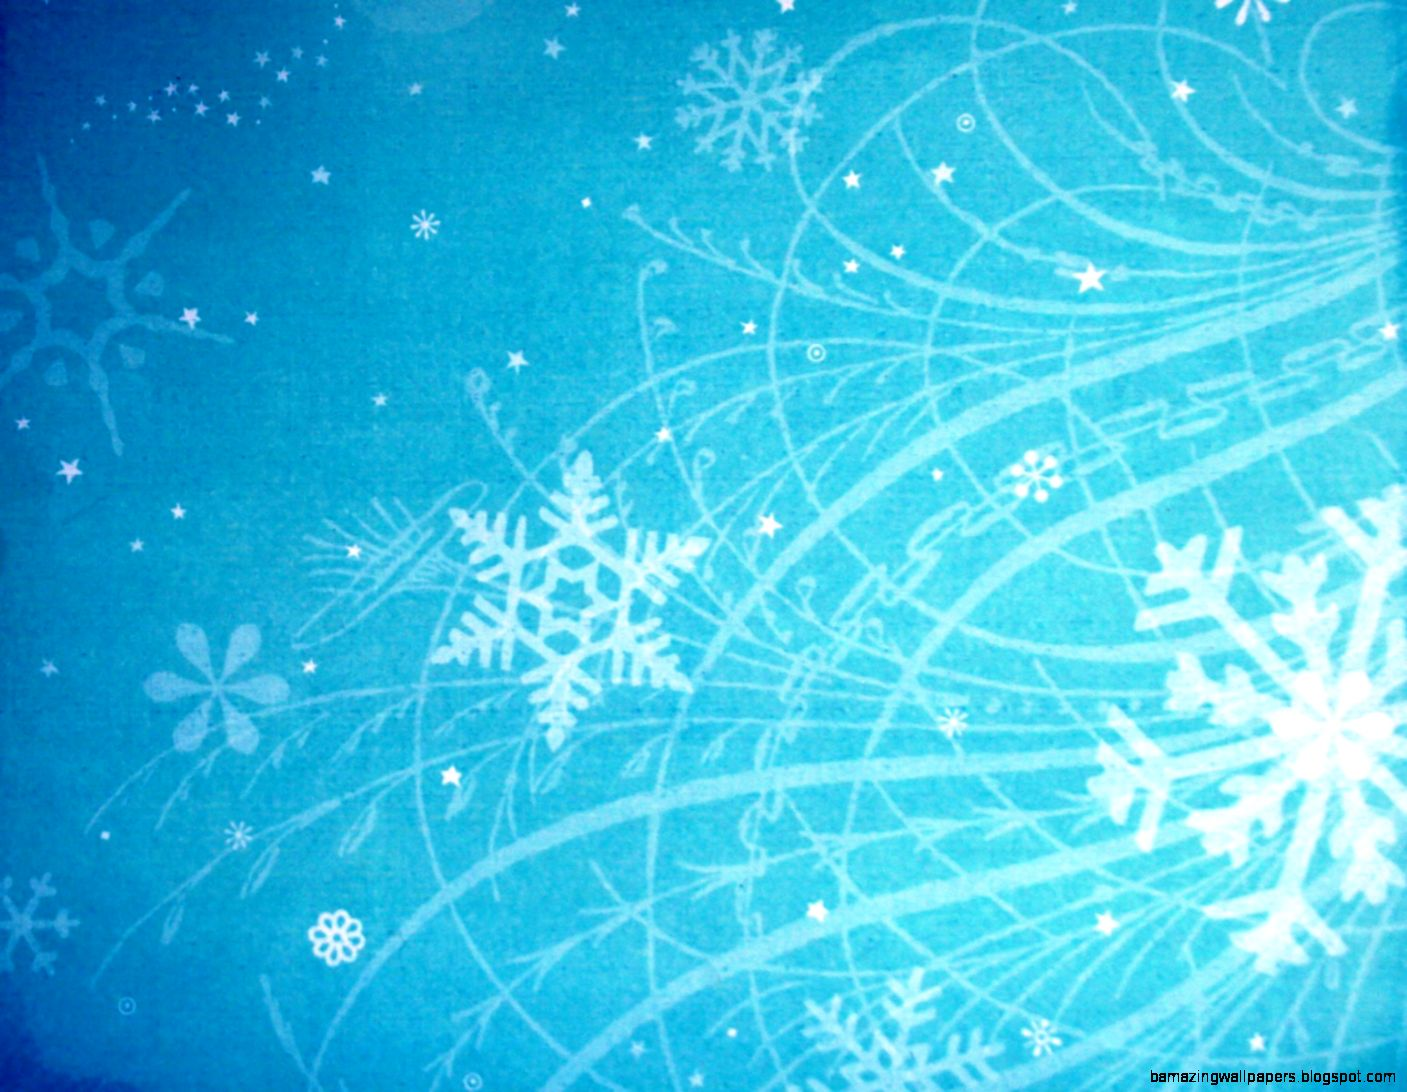 Snowflake Backgrounds   WallpaperSafari